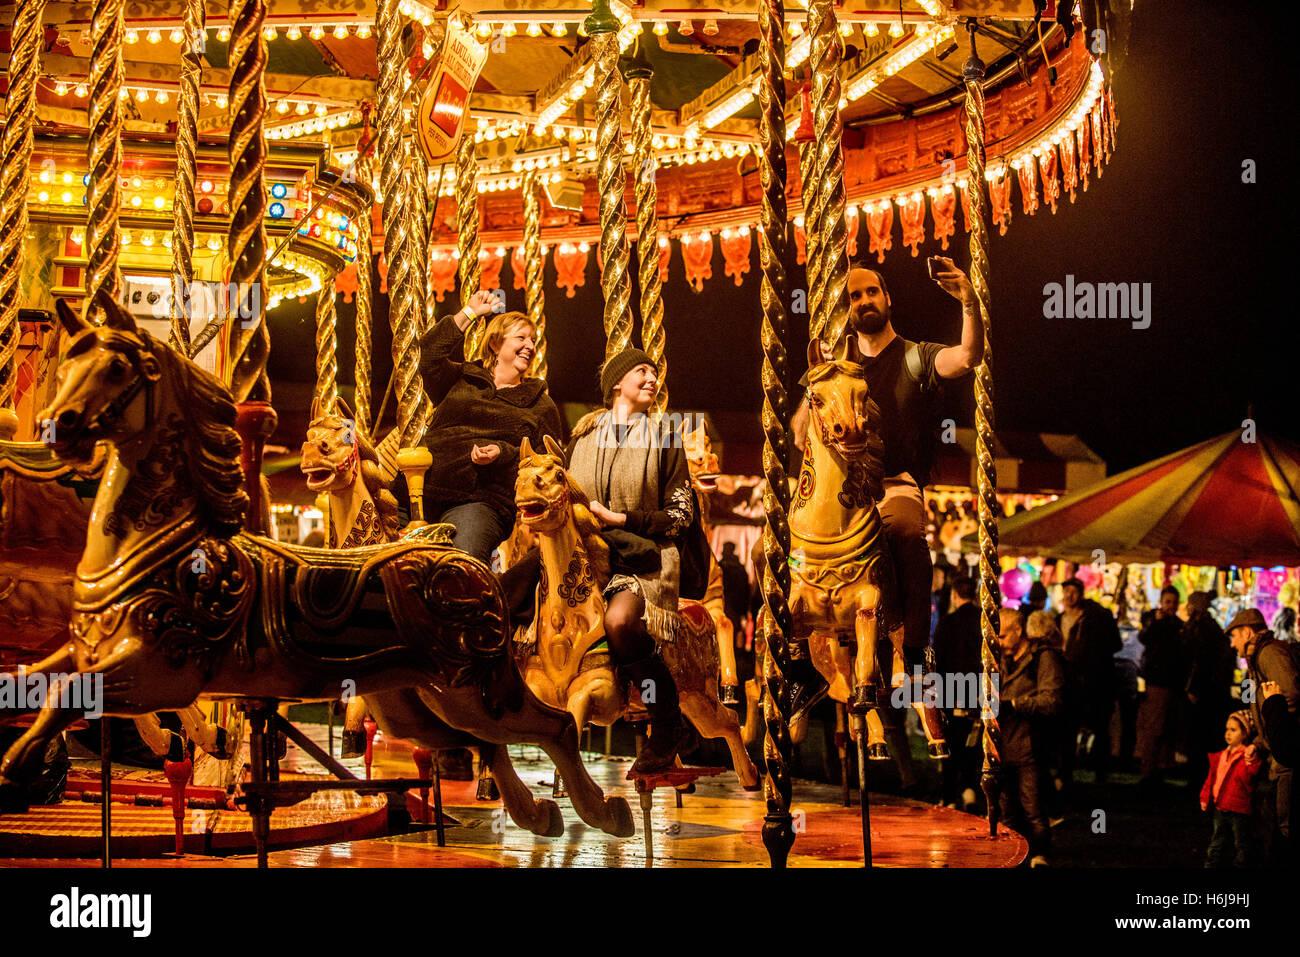 York, Regno Unito. 29 ottobre, 2016. North Yorkshire del più grande partito di fuochi d'artificio, KABOOM, ha avuto luogo nel parco del castello di Howard. Elencato come uno dei top 5 fuochi d'artificio nel Regno Unito, l'evento comprendeva anche un unico Star Wars themed laser show, Jedi light sabre di formazione per tutte le età, un parco di divertimenti vintage, fuoco e giocolieri di luce e il Minster FM spettacolo fase. La foto mostra il vintage luna park all'evento. Credito: Fotografia Bailey-Cooper/Alamy Live News Foto Stock